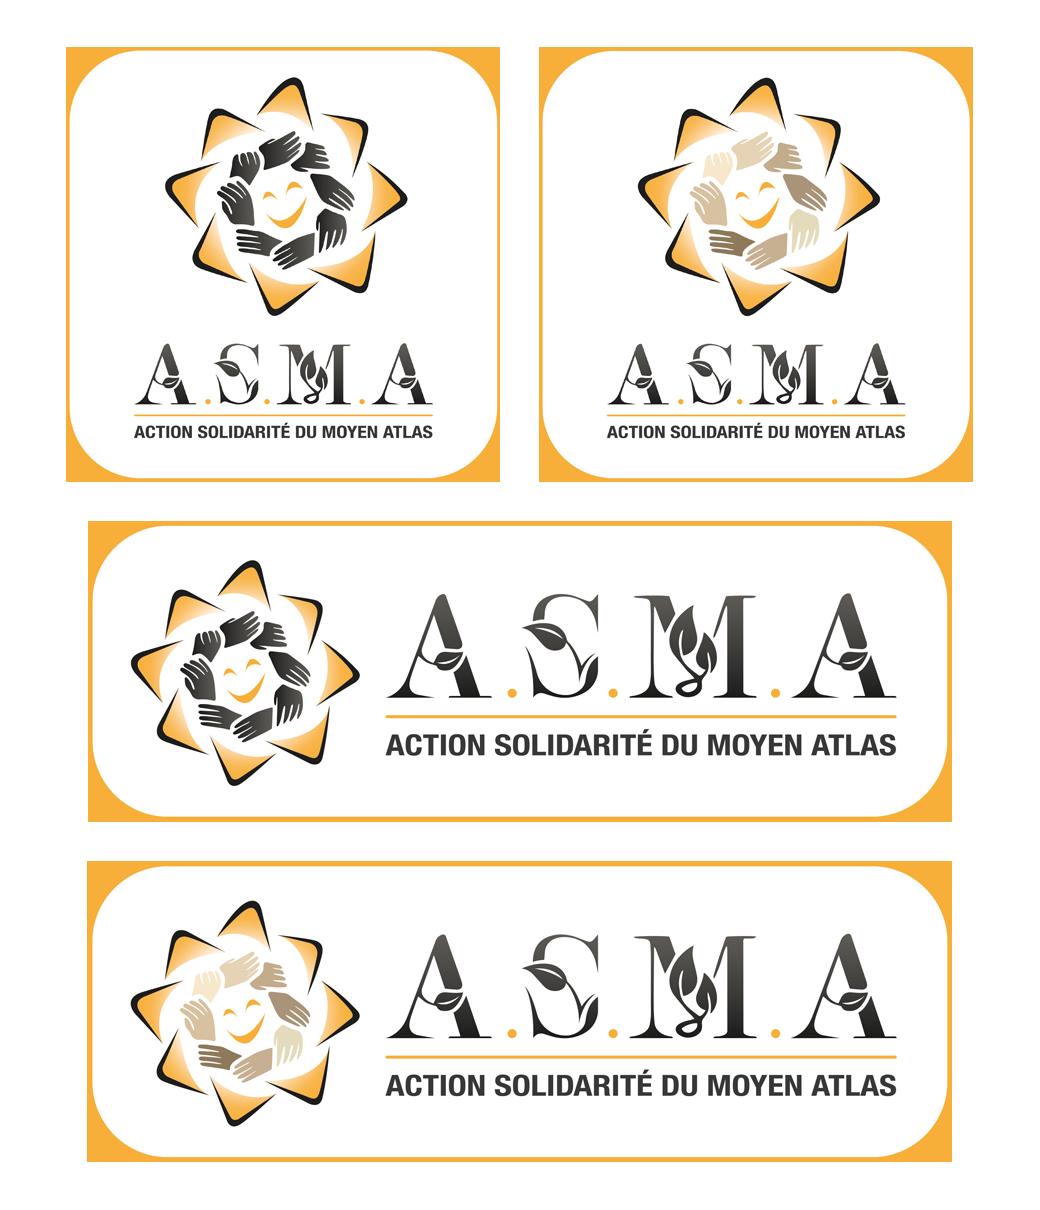 déclinaisons du logo pour une association humaintaire